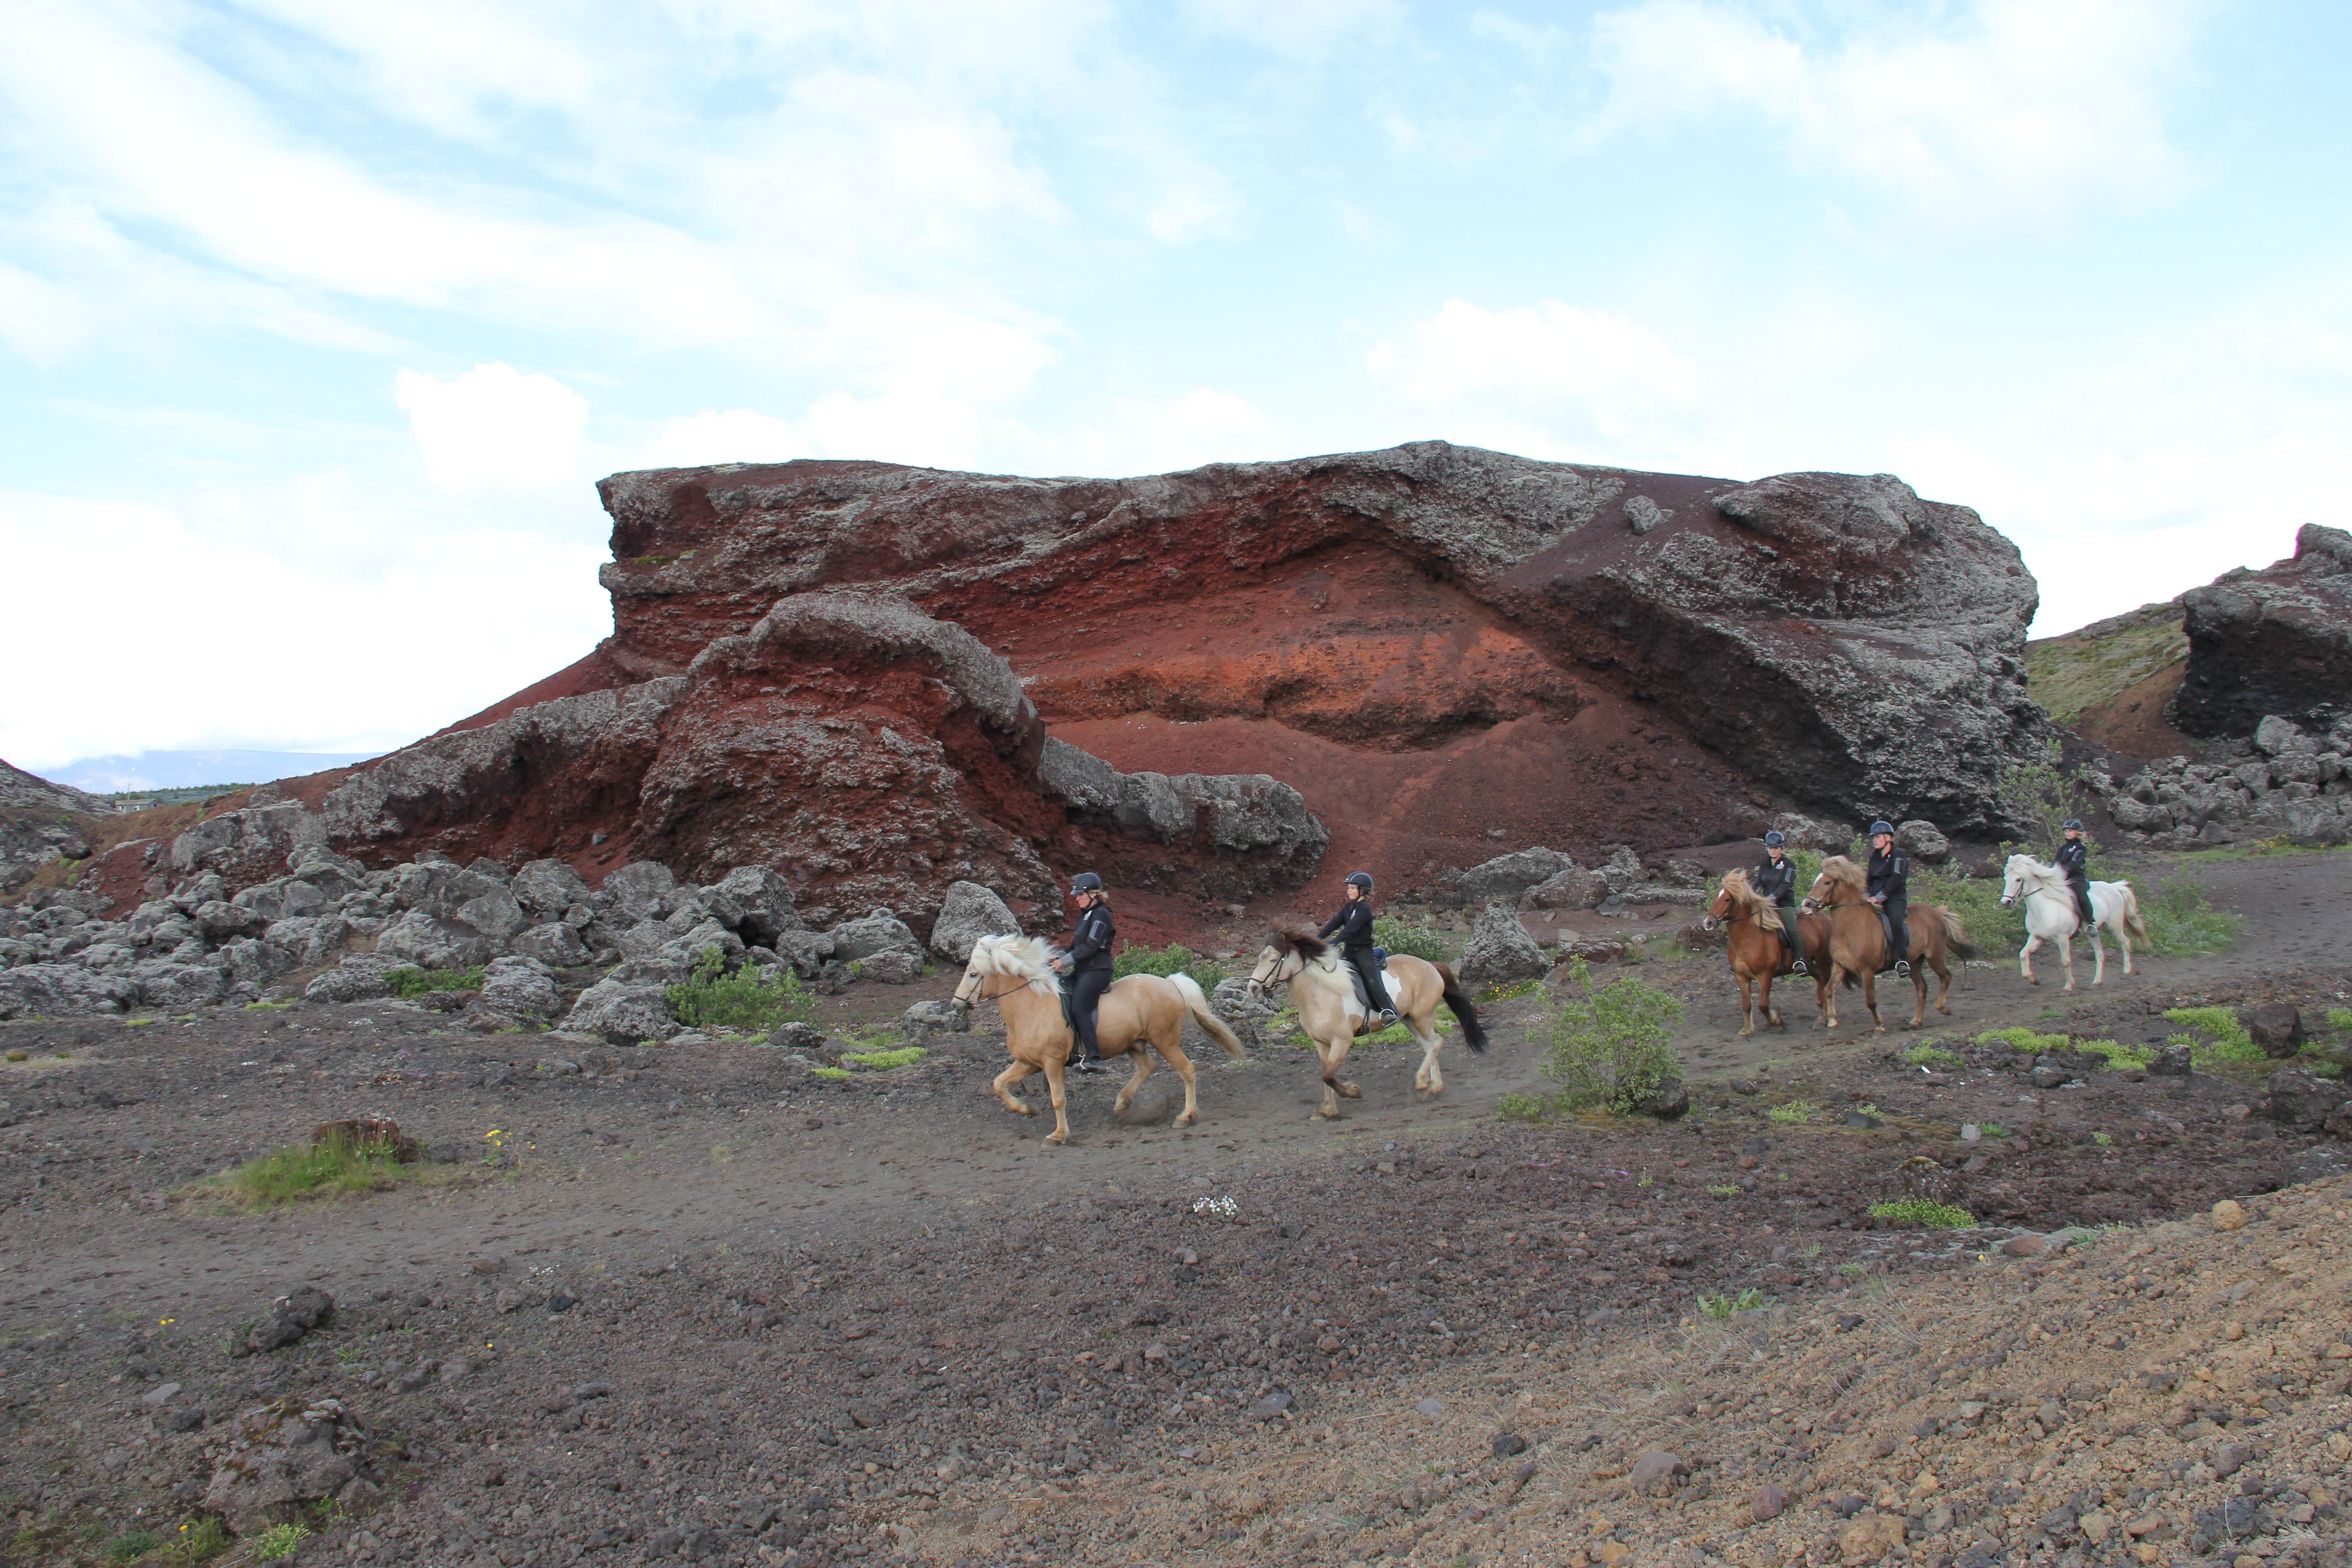 Turen på hesteryg gennem vulkanske landskaber fører dig gennem nærmest overjordiske månelandskaber lige uden for Reykjavík.